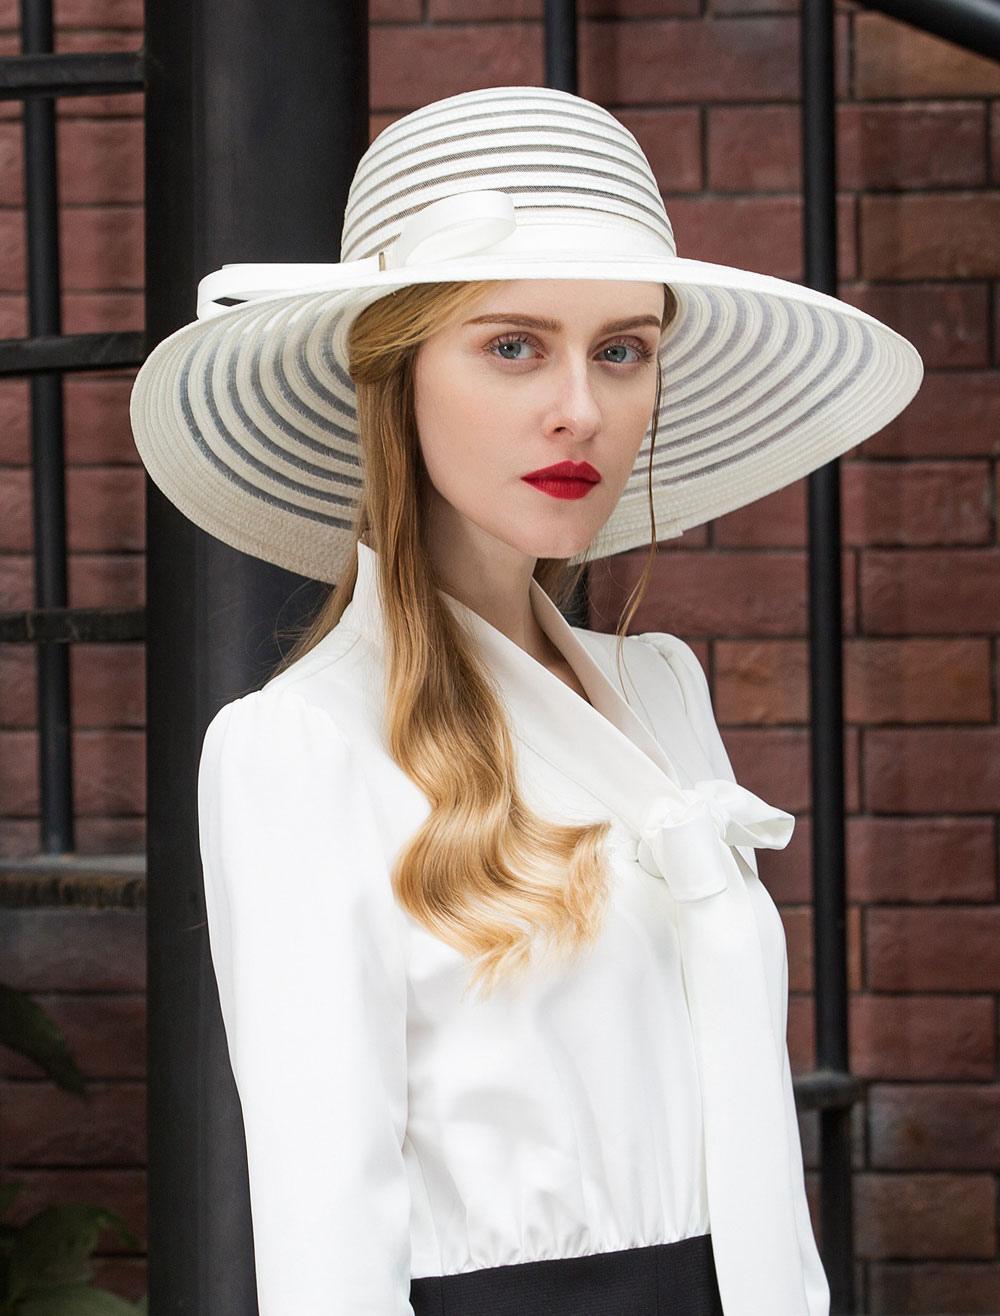 Berretto // Cappello French Maid Hat Fancy Dress Costume Accessory